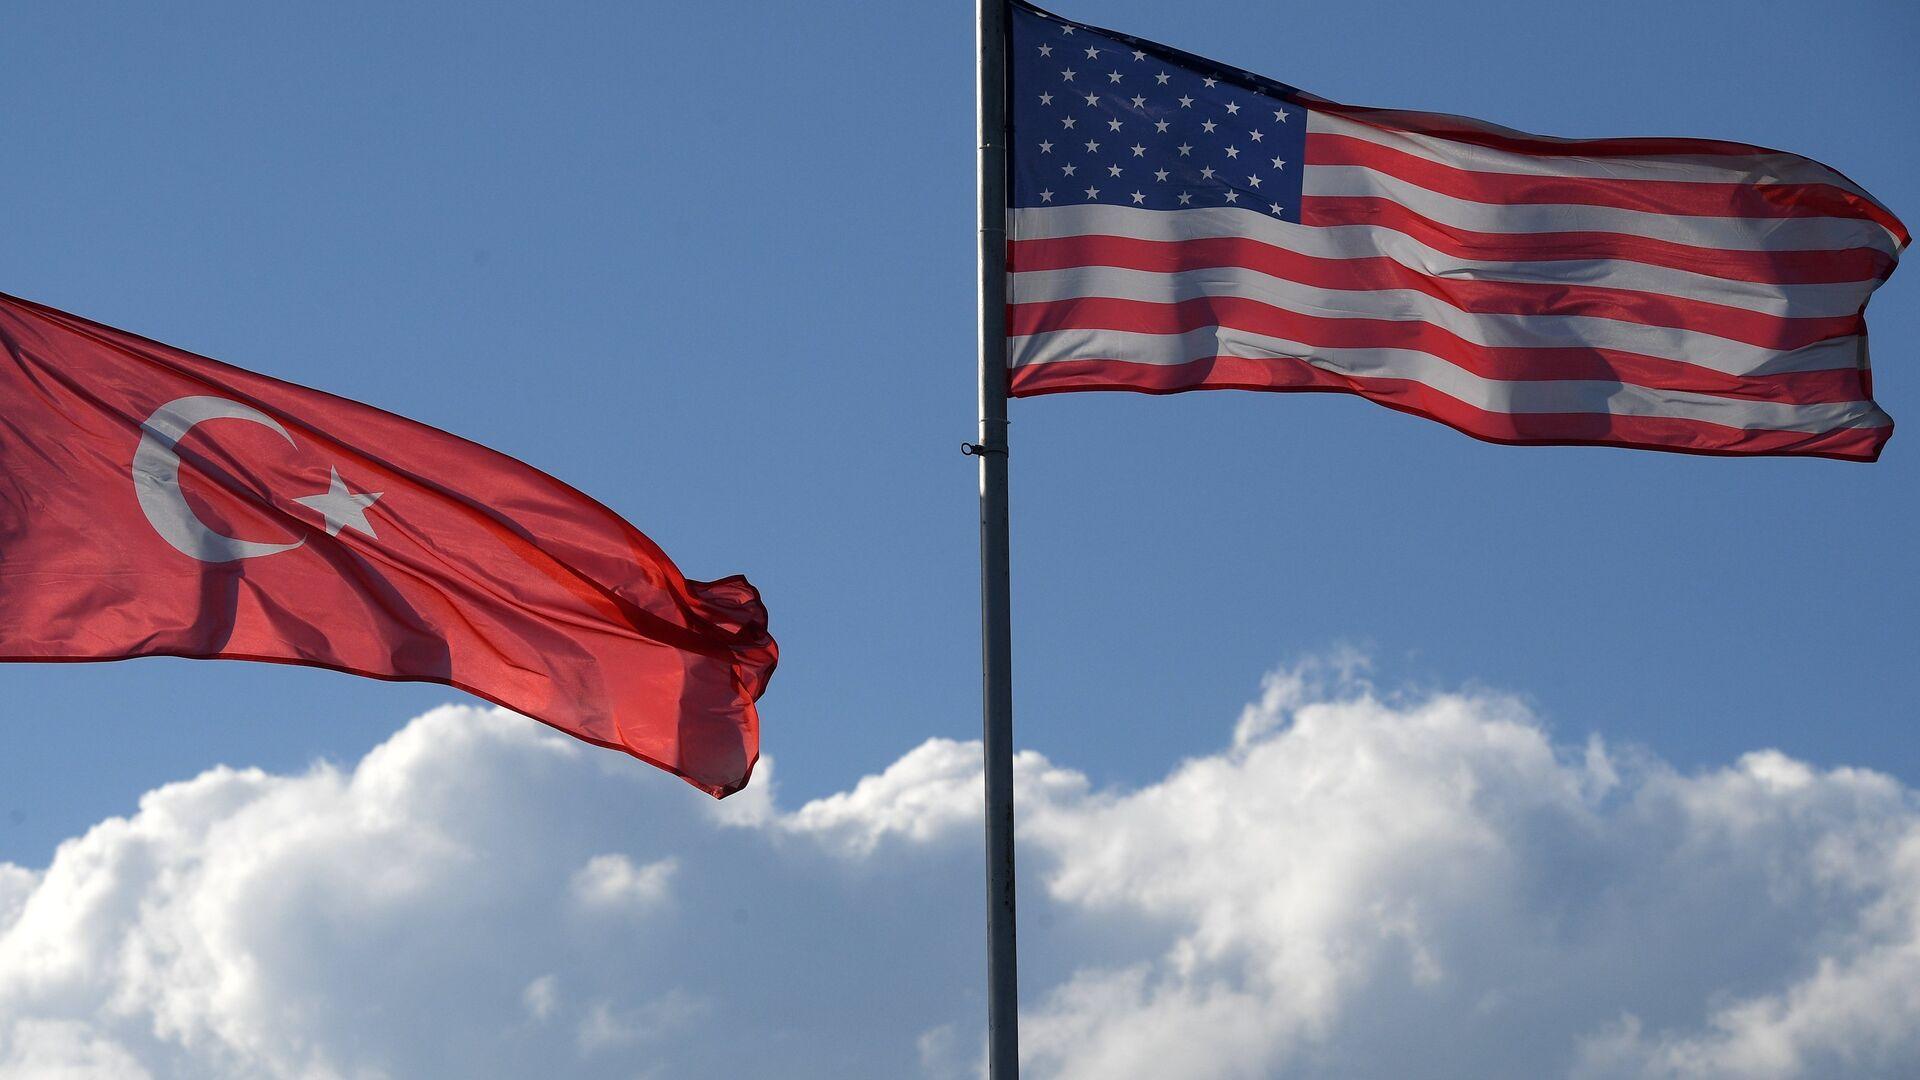 Las banderas de Turquía y EEUU - Sputnik Mundo, 1920, 11.02.2021